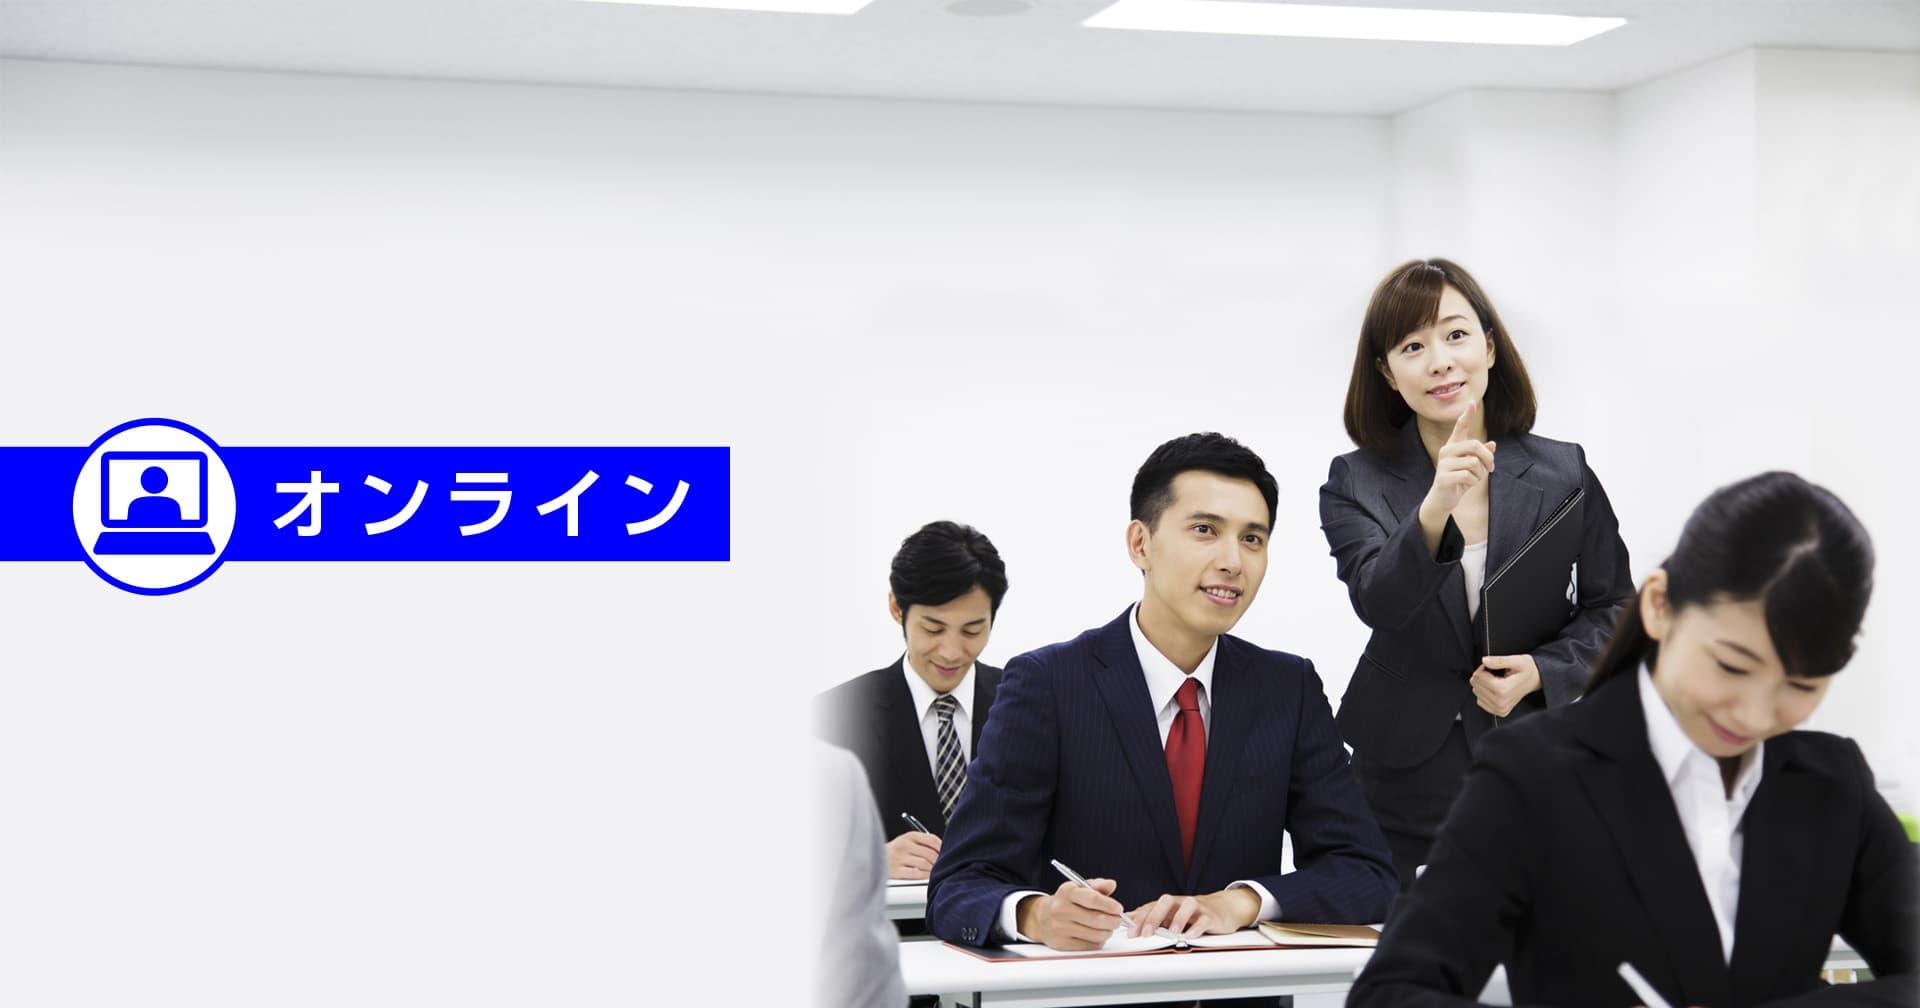 【集合研修】「新入社員研修の進め方」研修